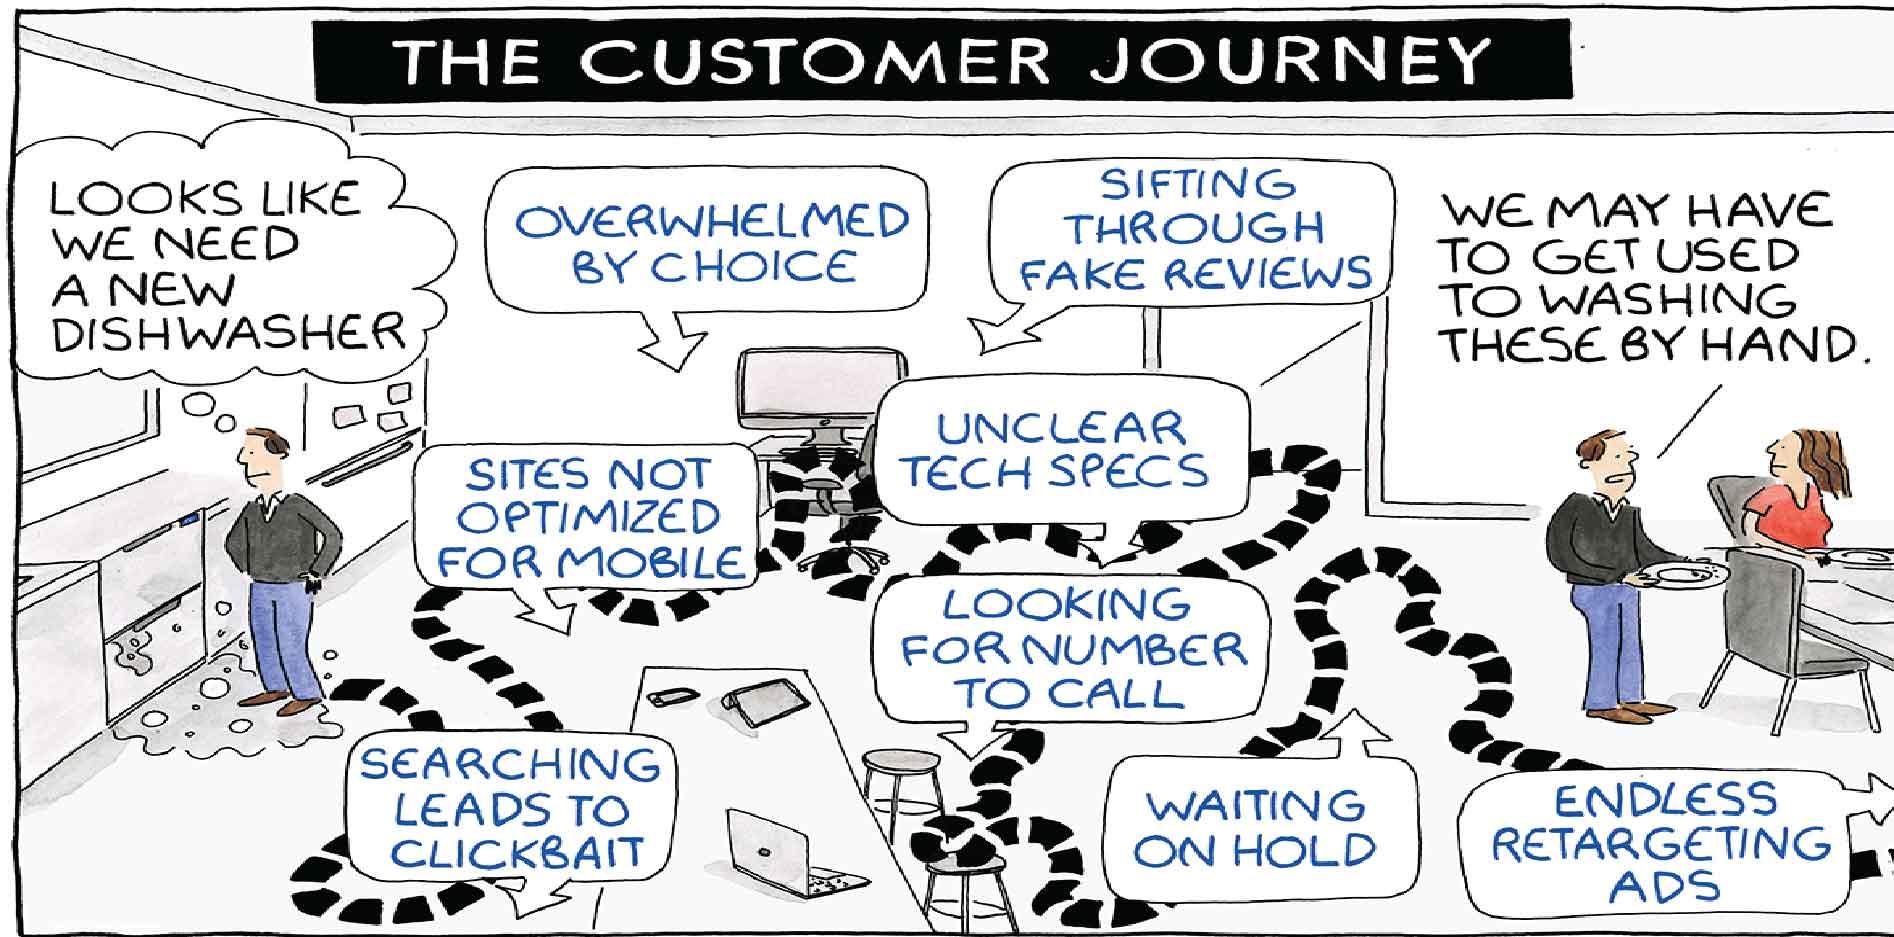 Xây dựng bản đồ hành trình trải nghiệm khách hàng – Customer Journey